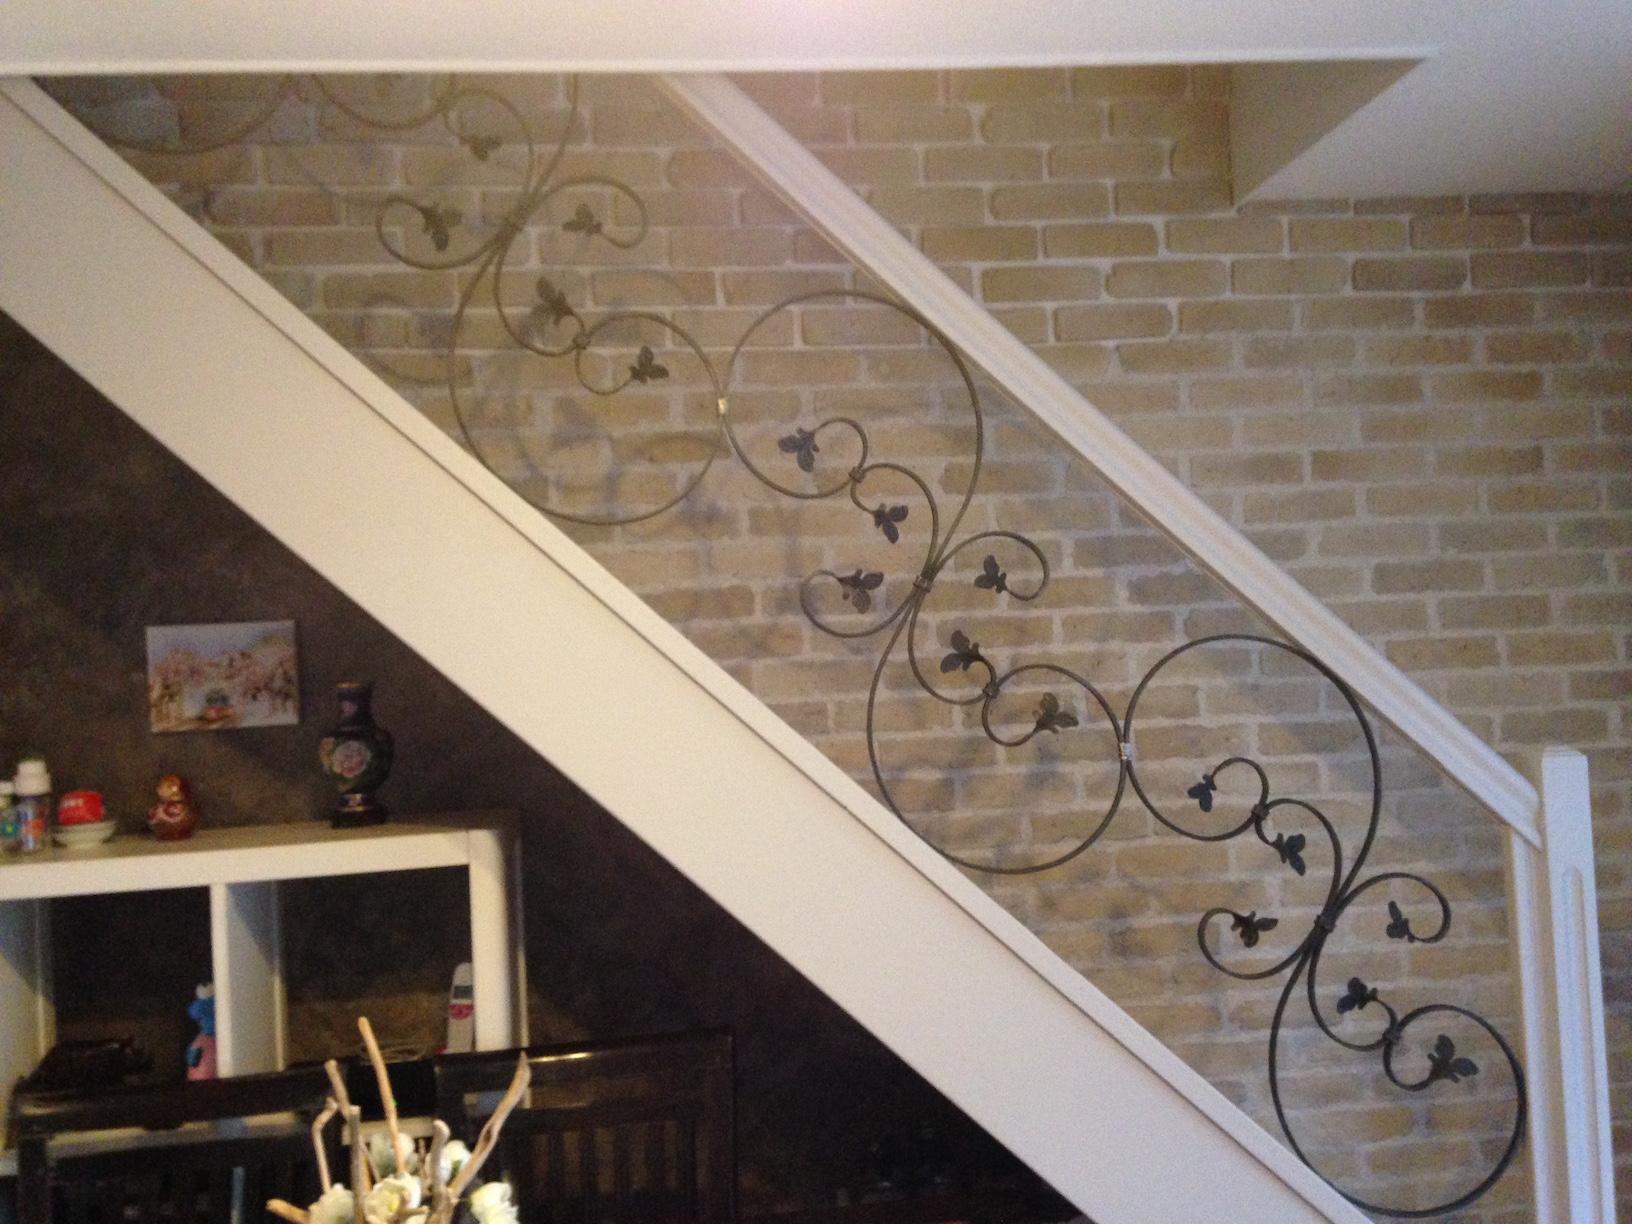 Création et fabrication complète par notre client d'une rampe d'escalier intérieur bois et ferforgé . Réalisation à partir de notre gamme de pièces détachées. Localisation Var